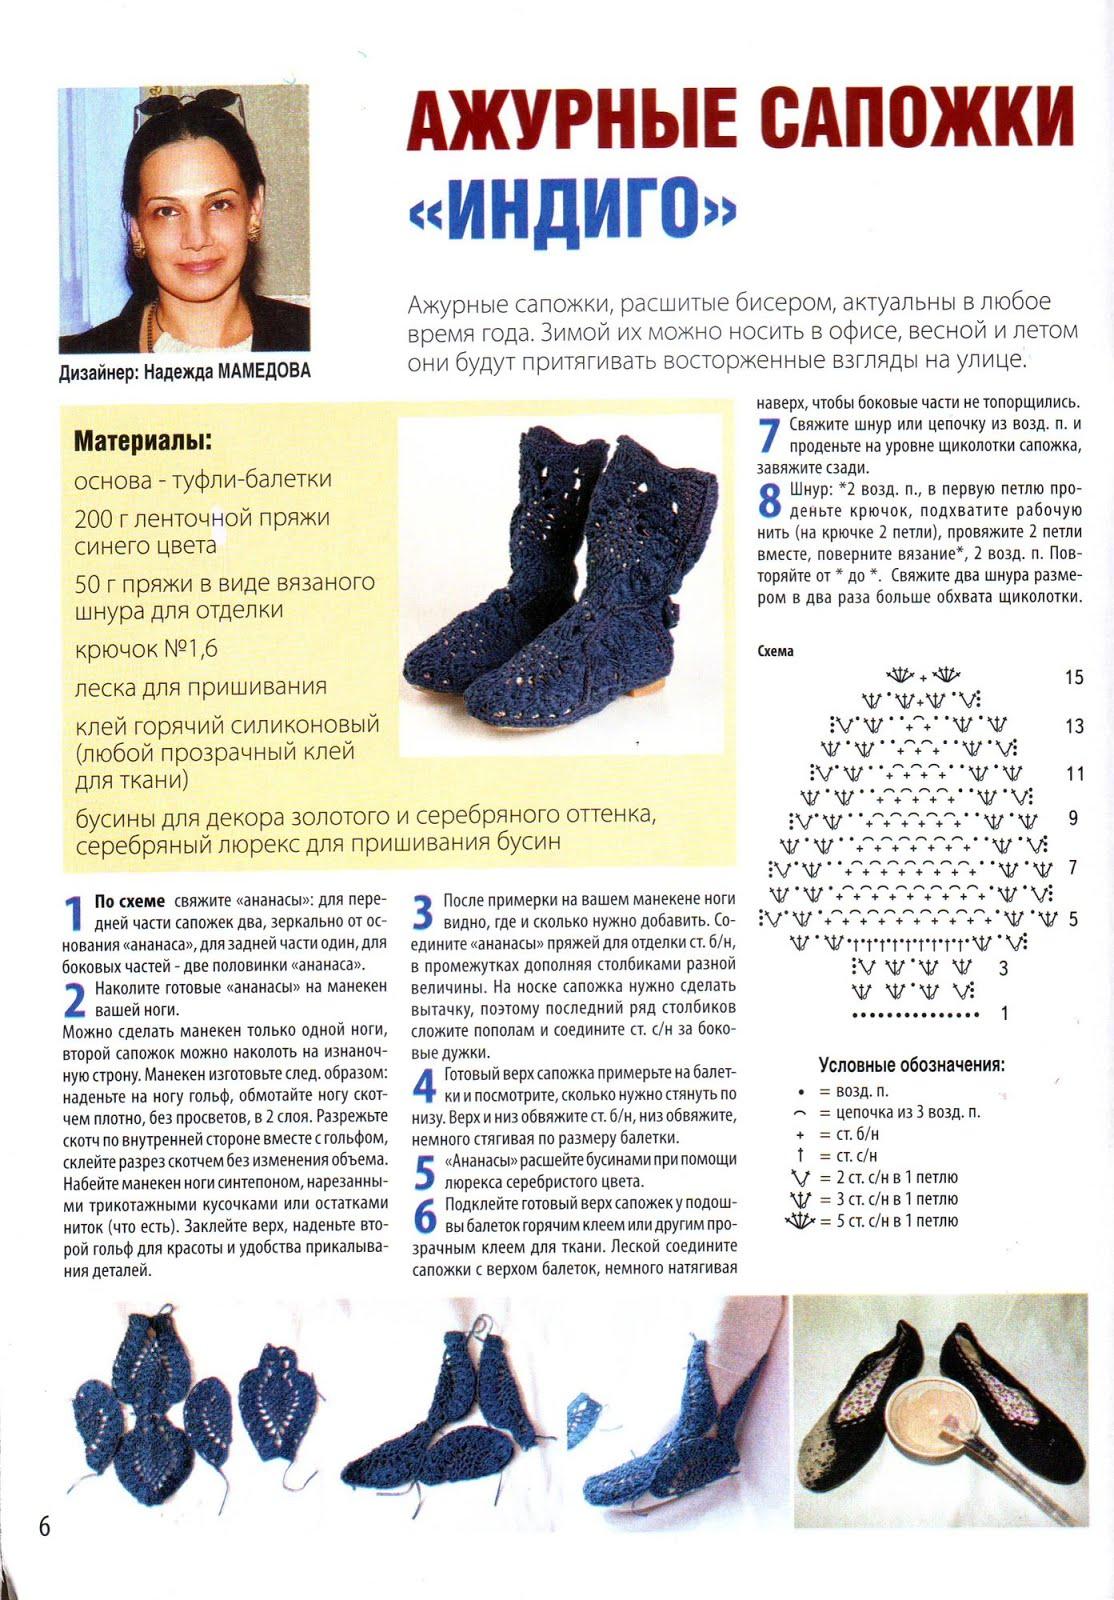 Perfecto Crochet Patrón De Botas De Vaquera Imagen - Manta de Tejer ...